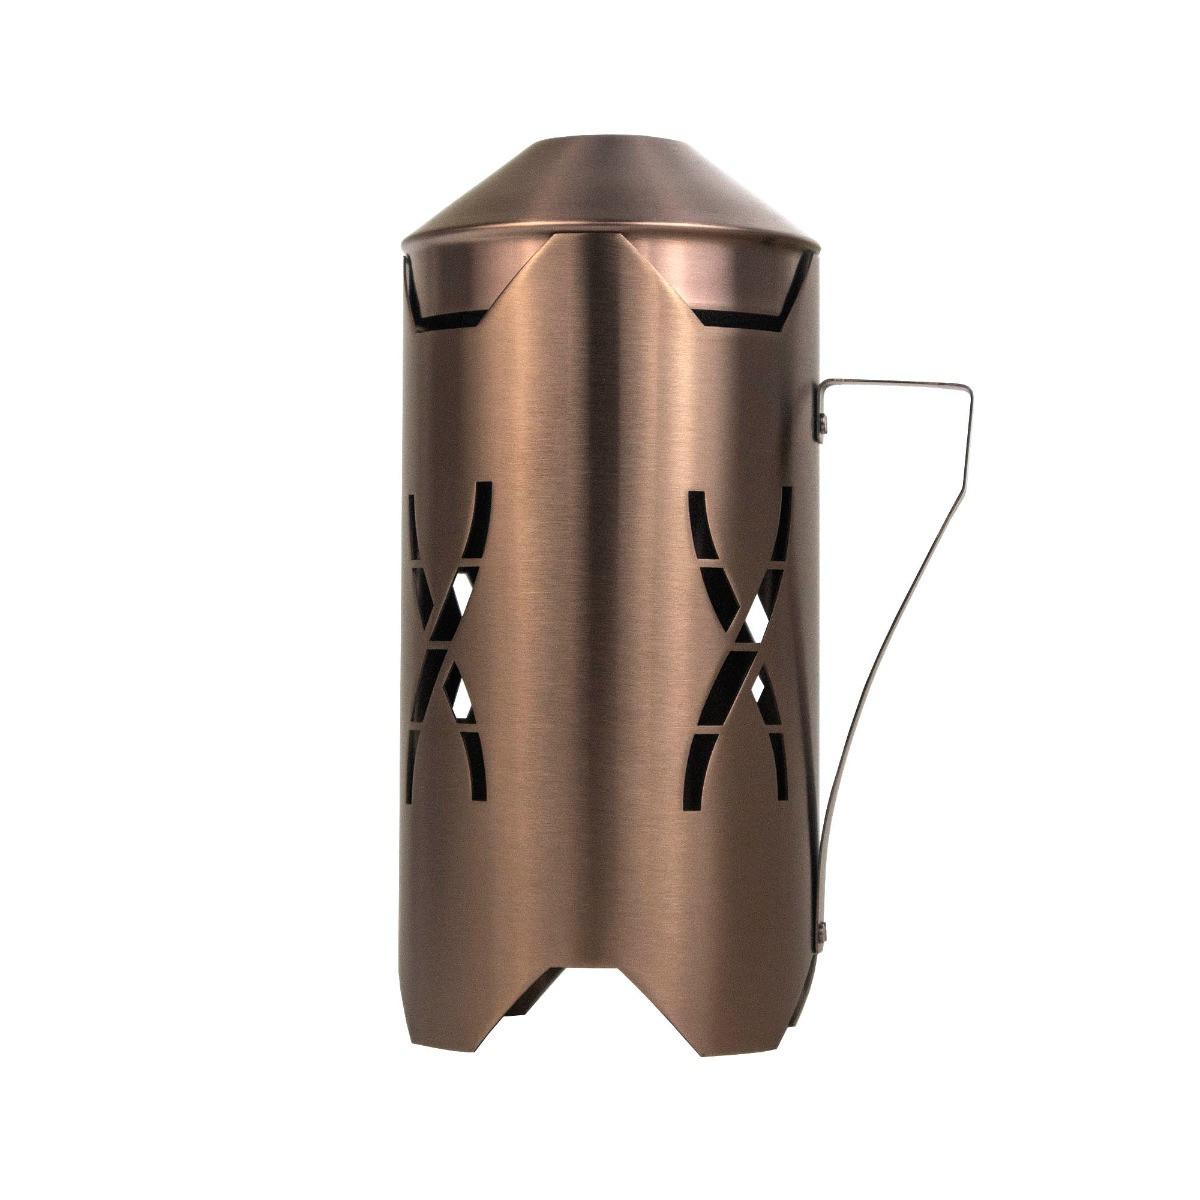 Hoob Windcover Bronze   Heat Management Device